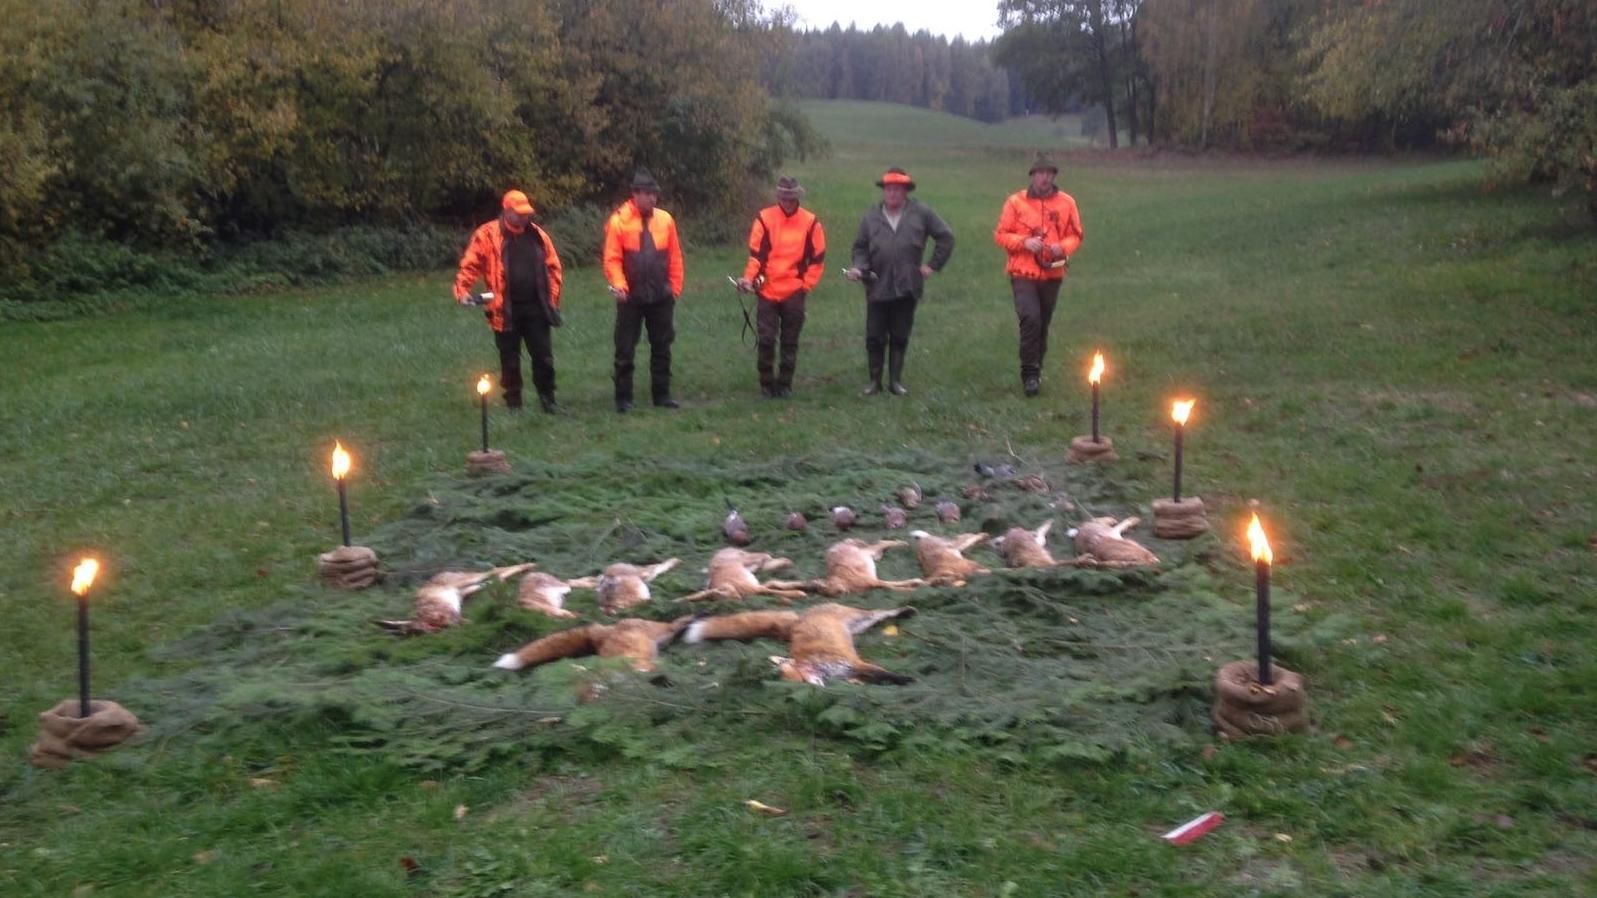 Jäger haben bei einer Treibjagd acht Hasen erlegt